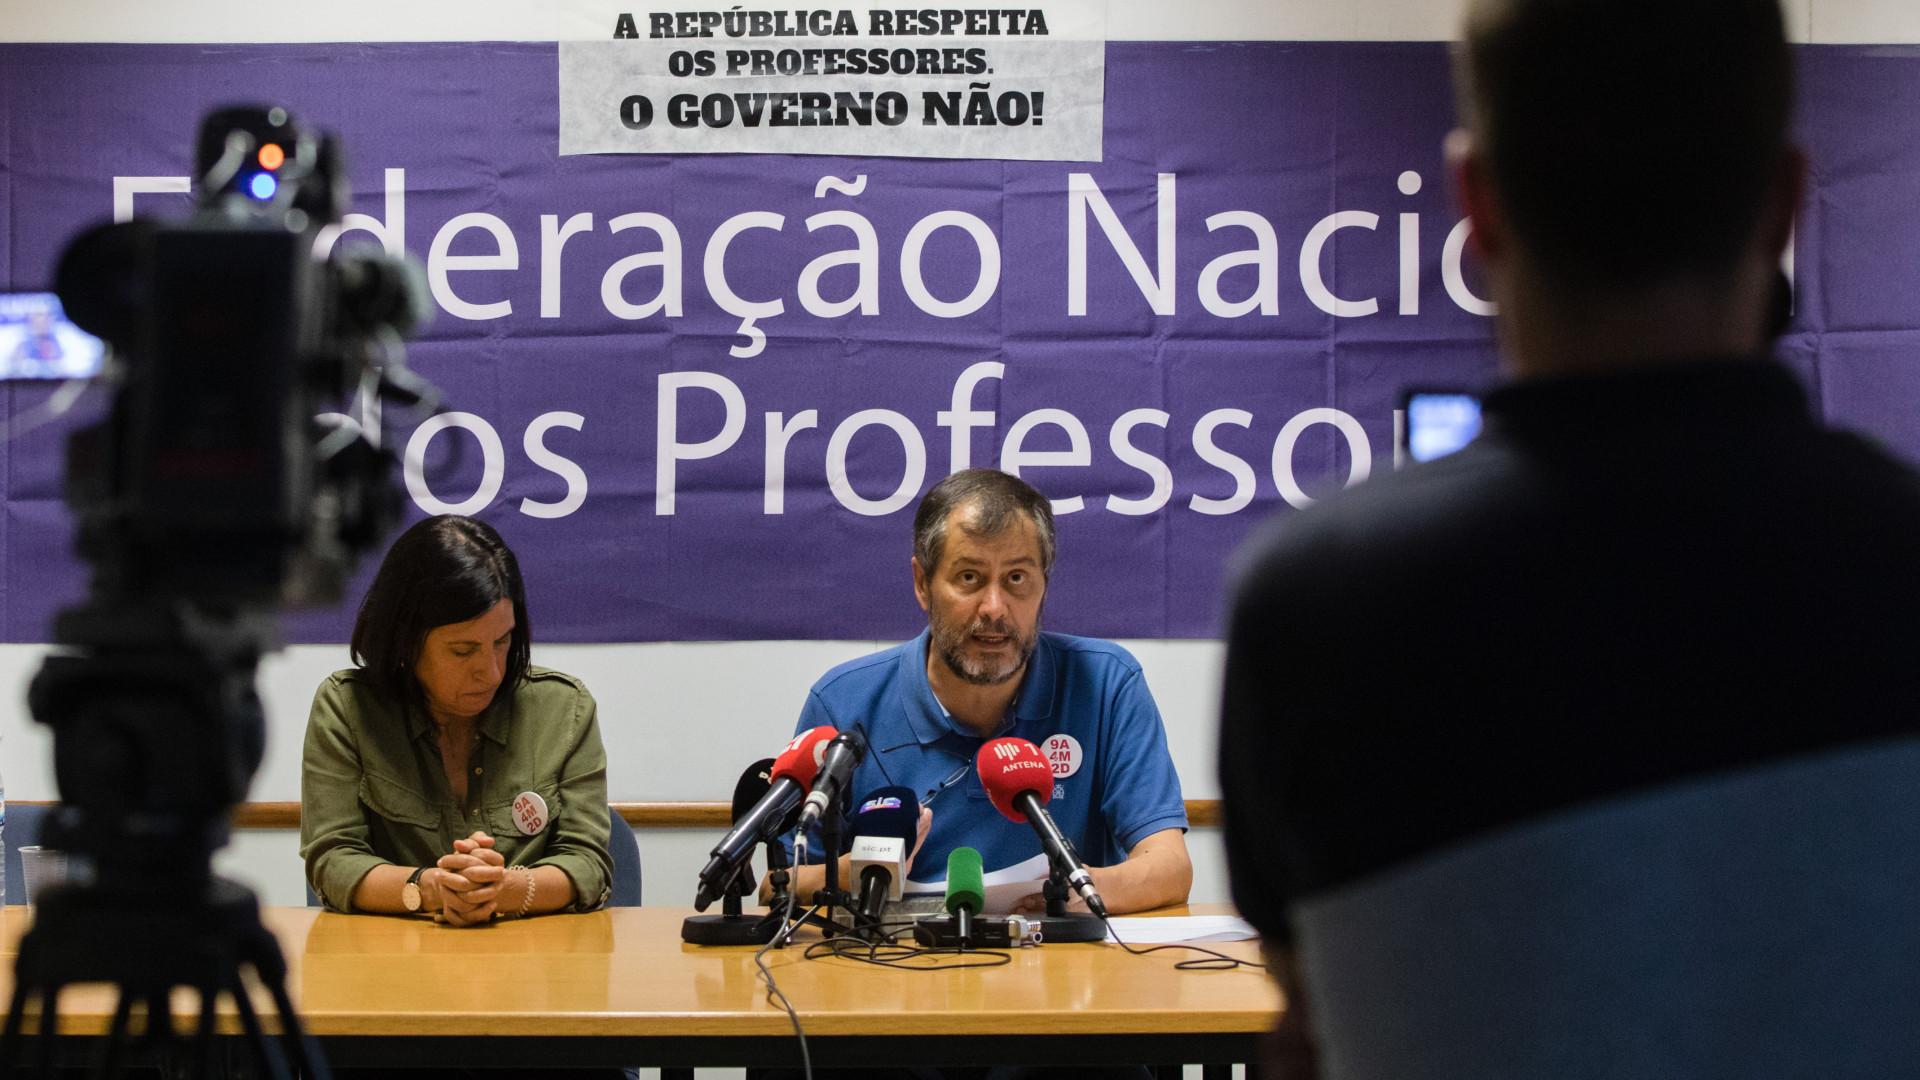 Professores: Sindicatos vão processar ministro. Greve é legal, reiteram